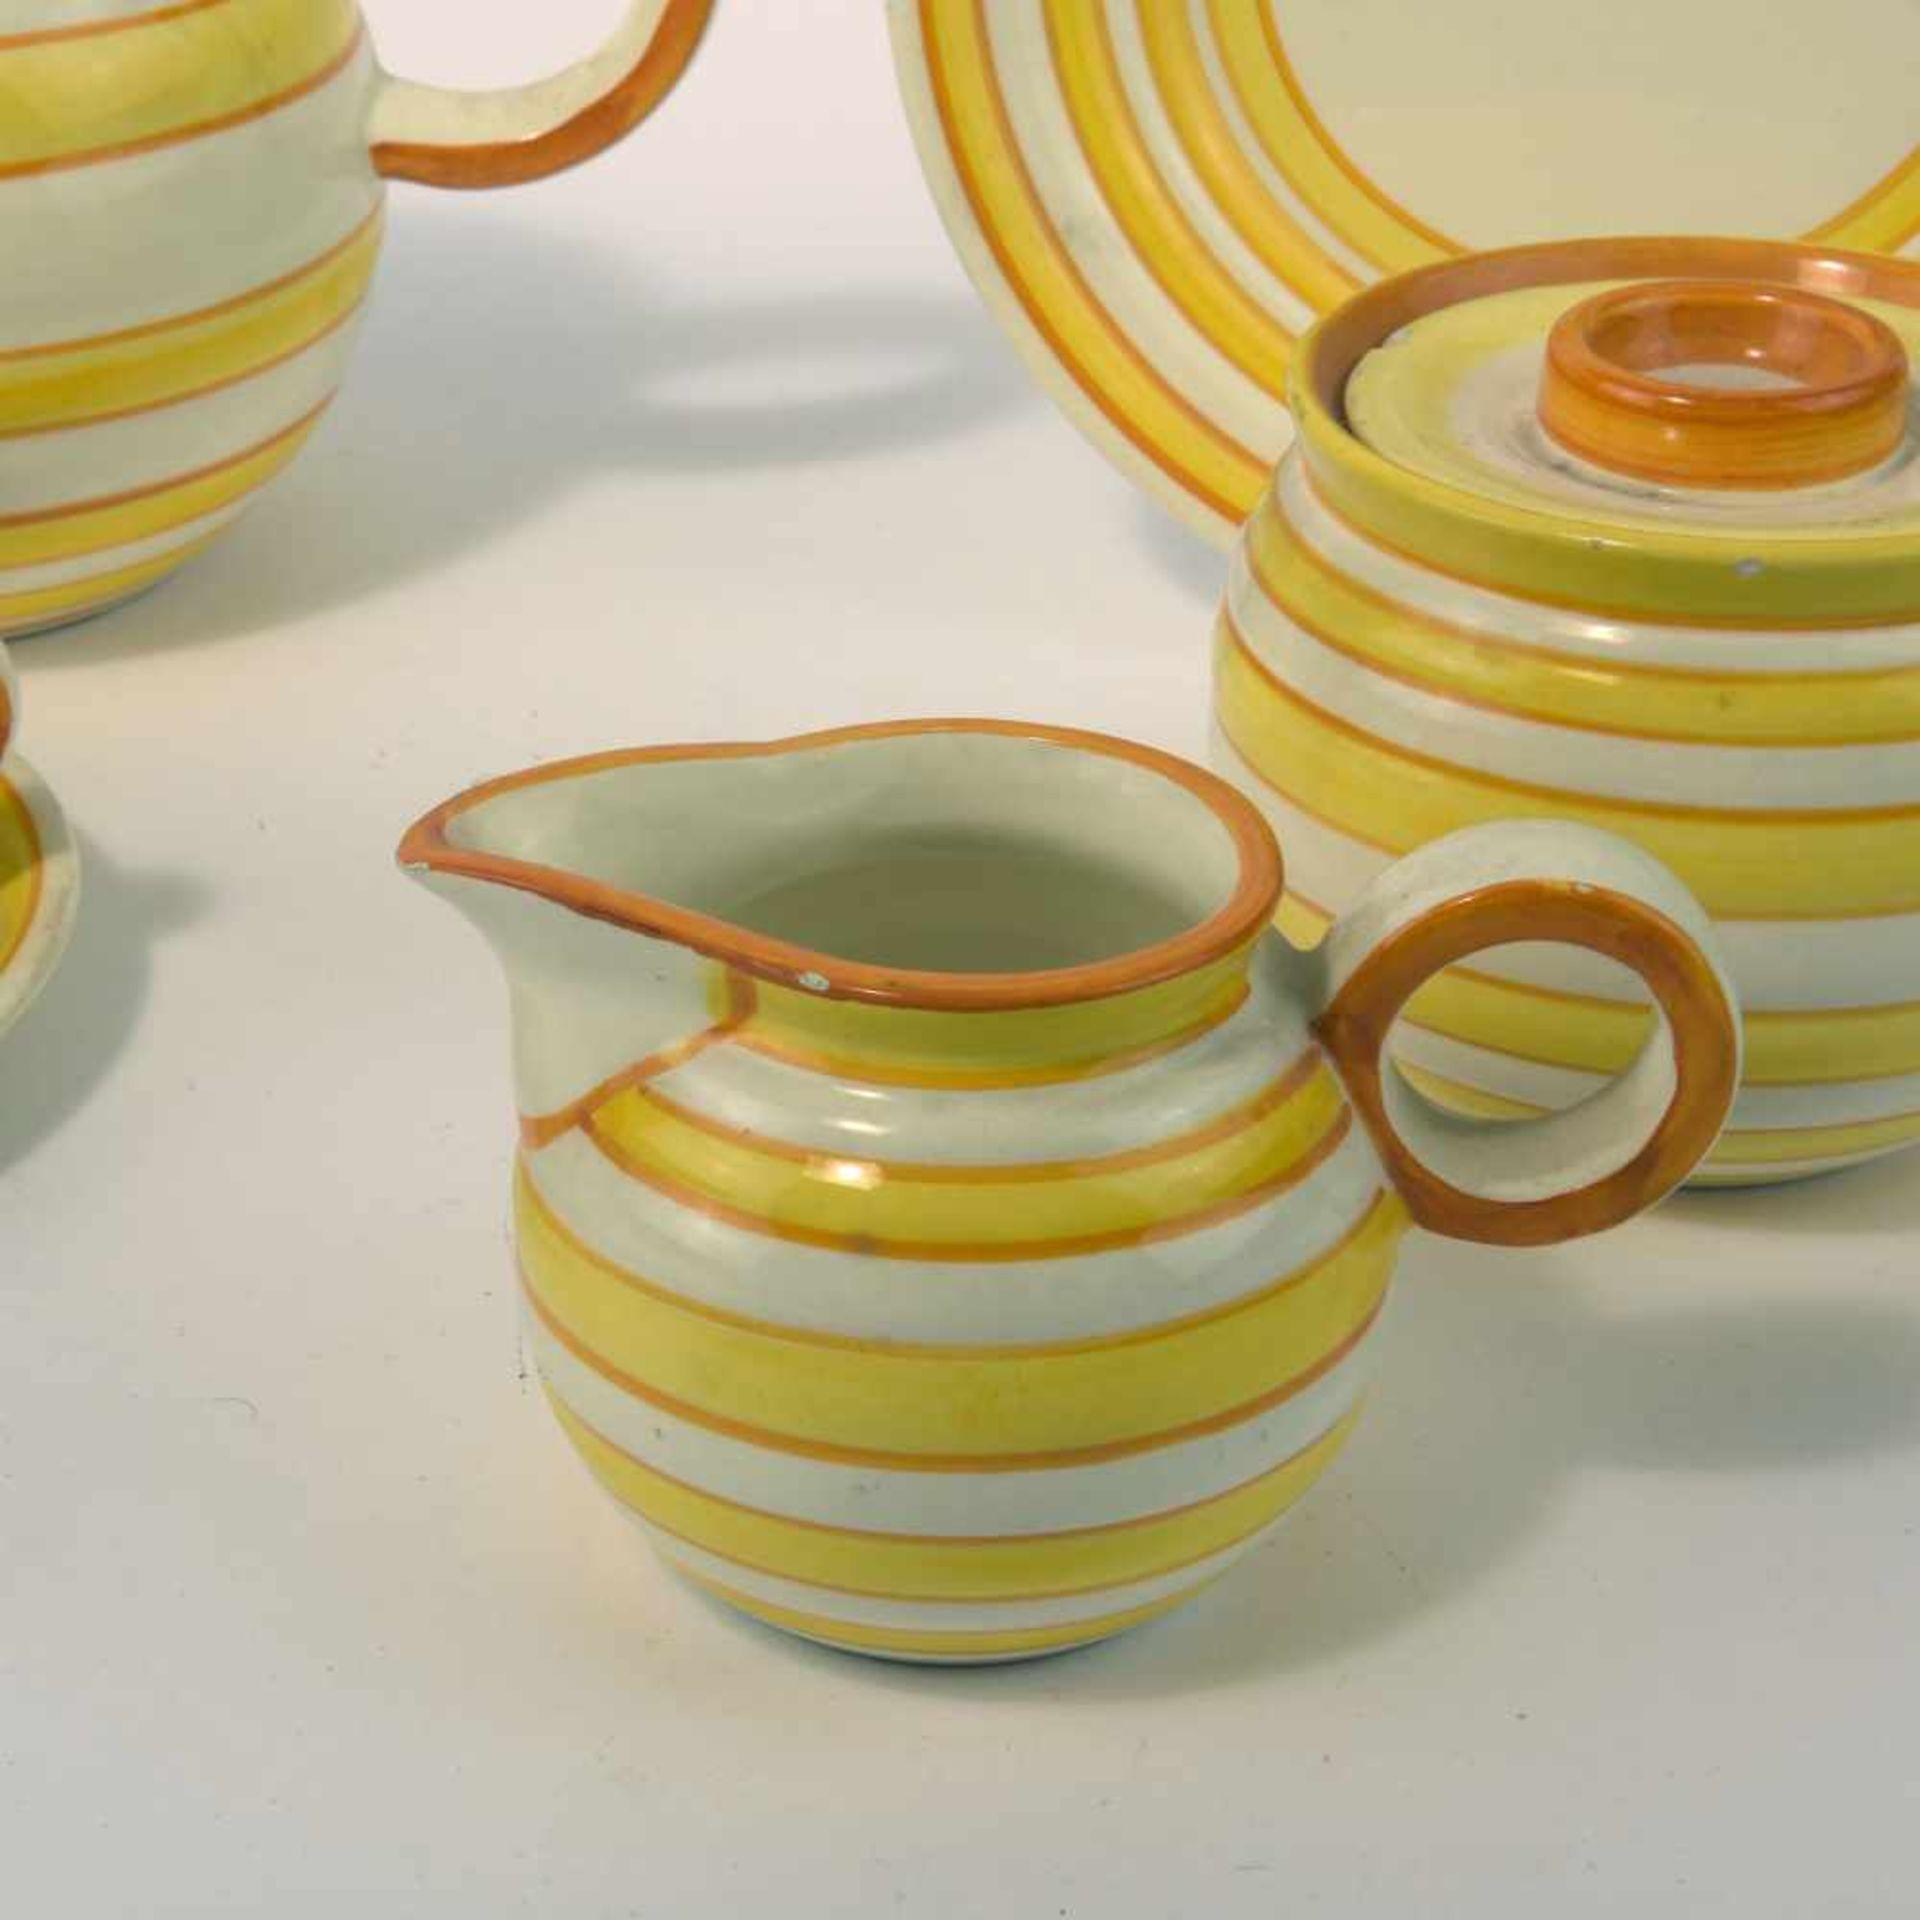 Eva Zeisel-Stricker Teeservice, um 1928 Sechs Teile. Teekanne: H. 12,7 cm; Milchkanne: H. 7,5 cm; - Bild 4 aus 6